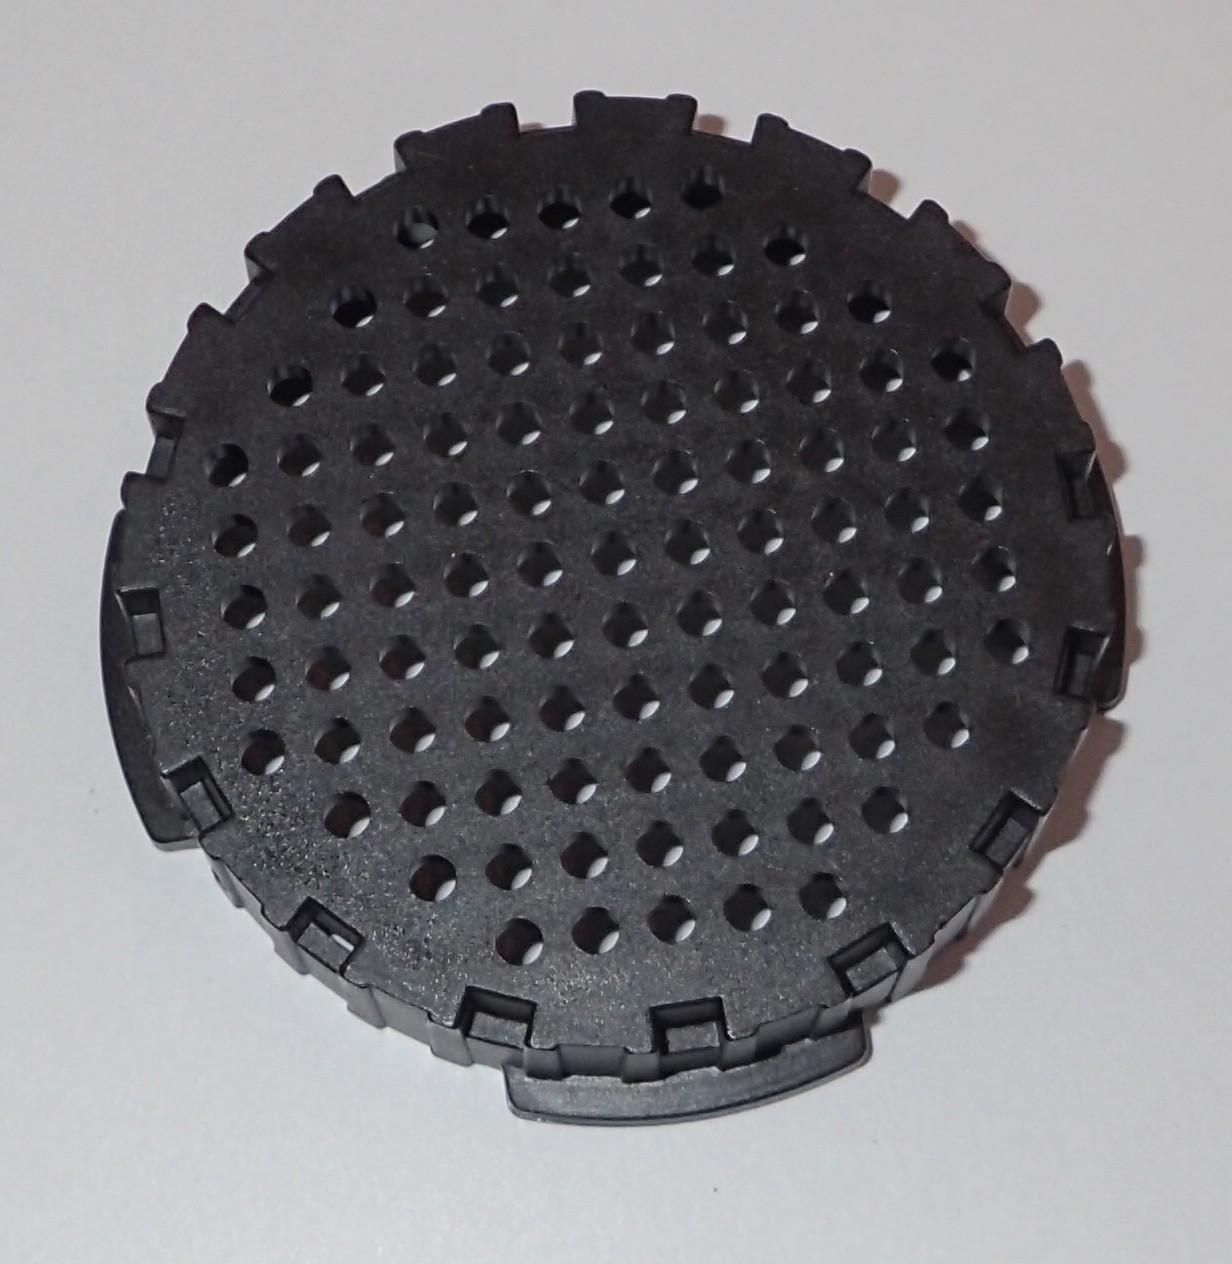 Aeropress Filter Basket